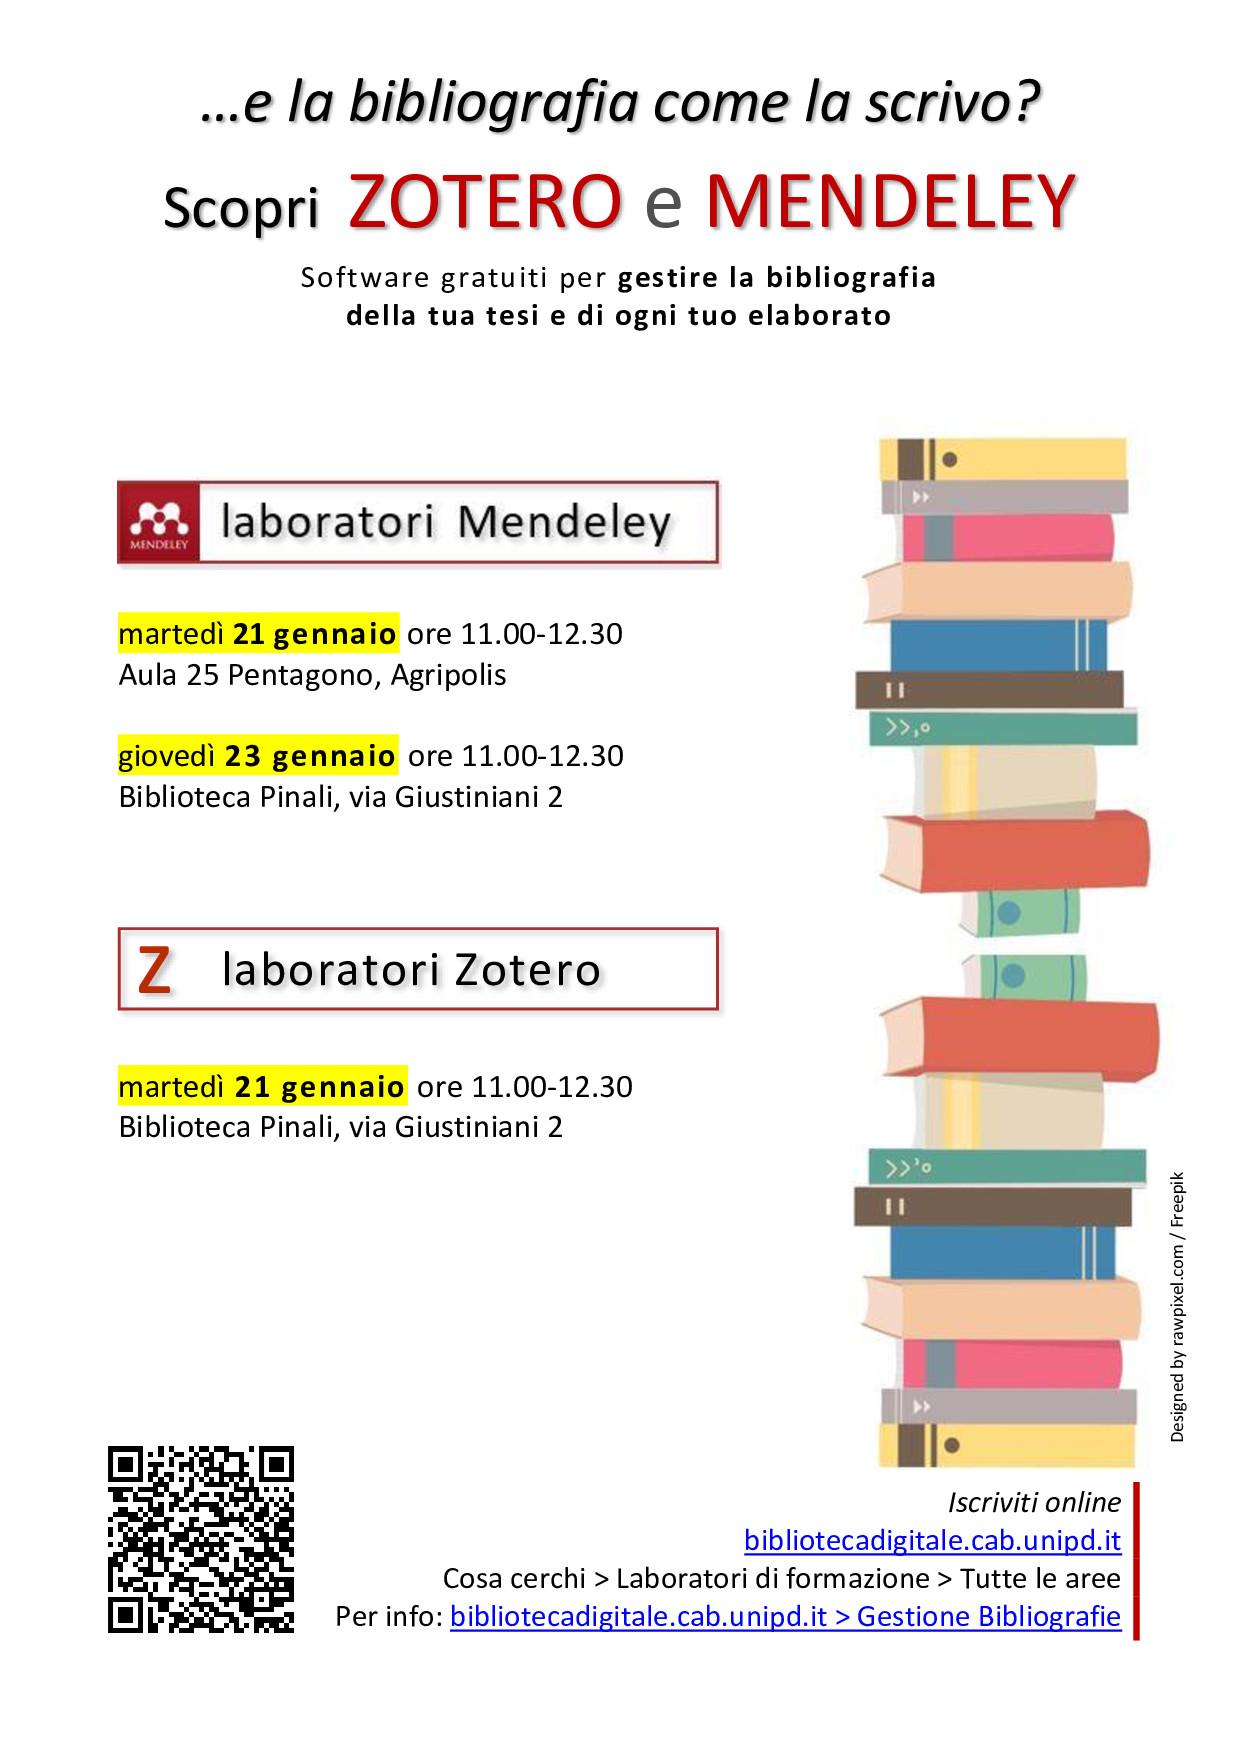 Nuovi corsi Zotero e Mendeley per creare le tue bibliografie